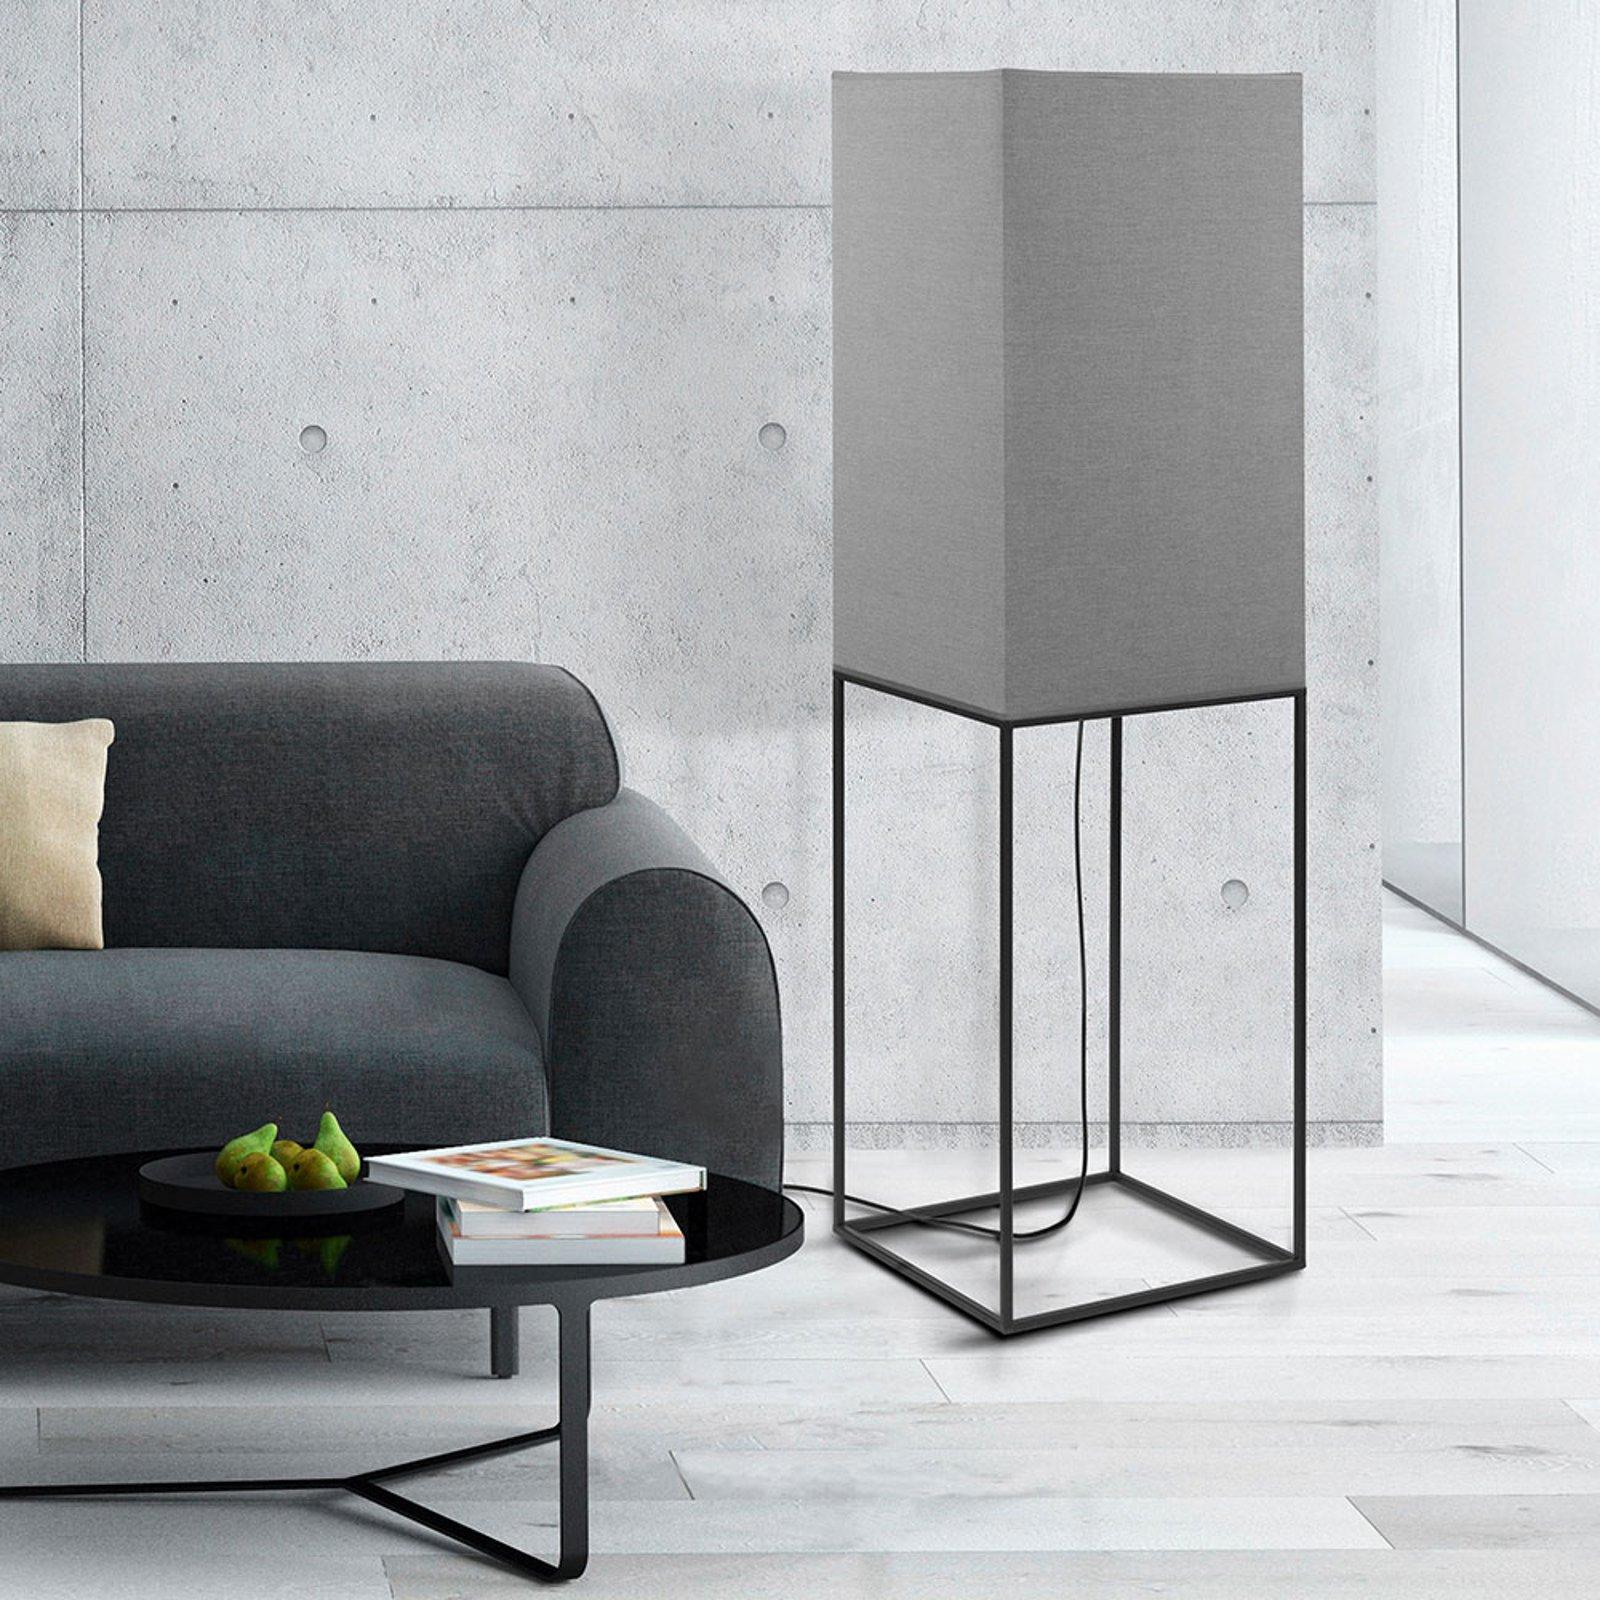 Gulvlampe Flam - kantet design med grå skjerm